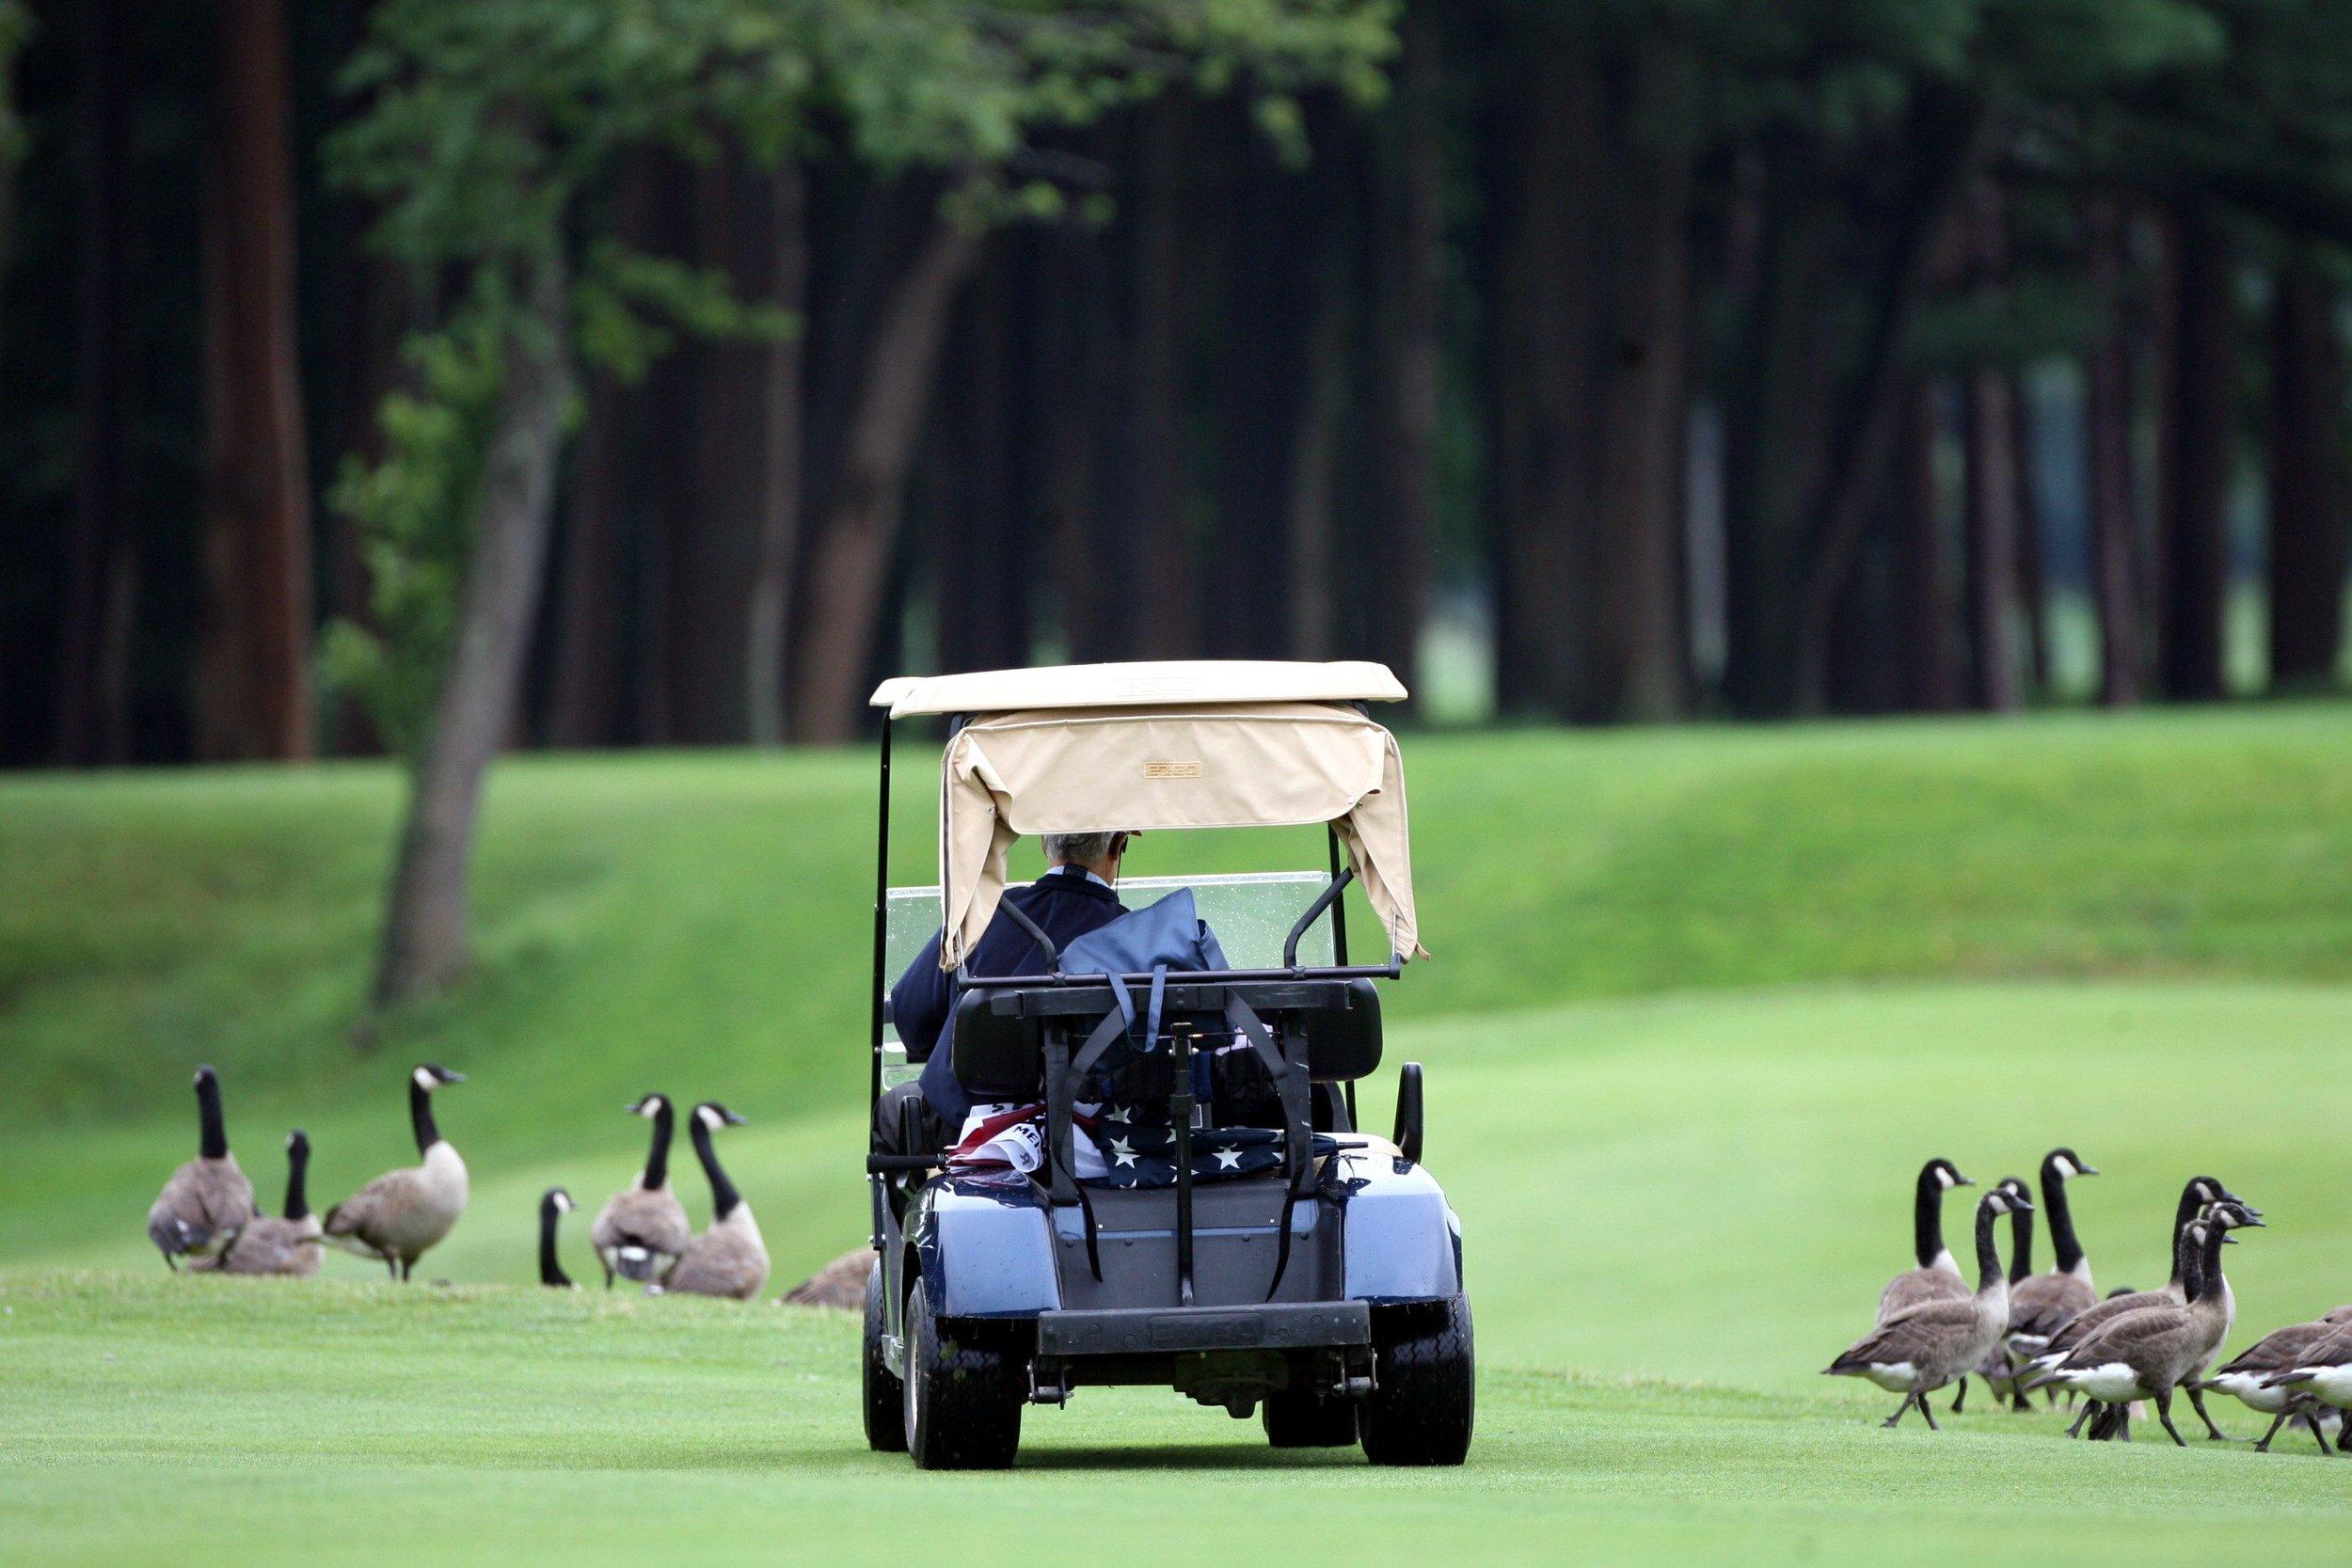 golfcart0.jpg